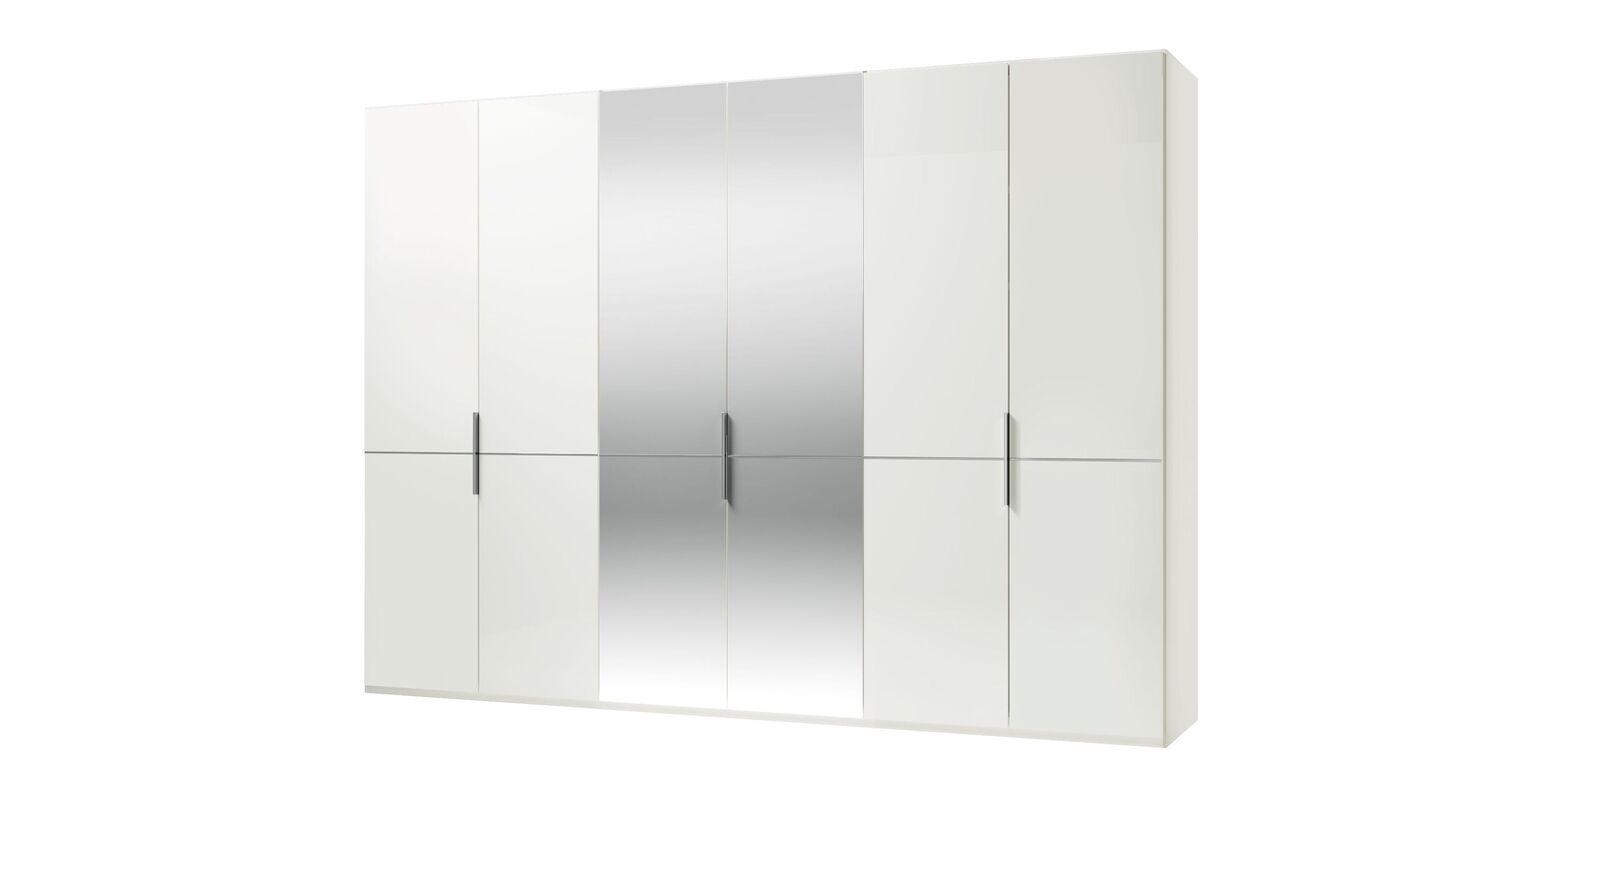 GALLERY M Spiegel-Drehtüren-Kleiderschrank IMOLA W in Weiß ohne Zierspiegel